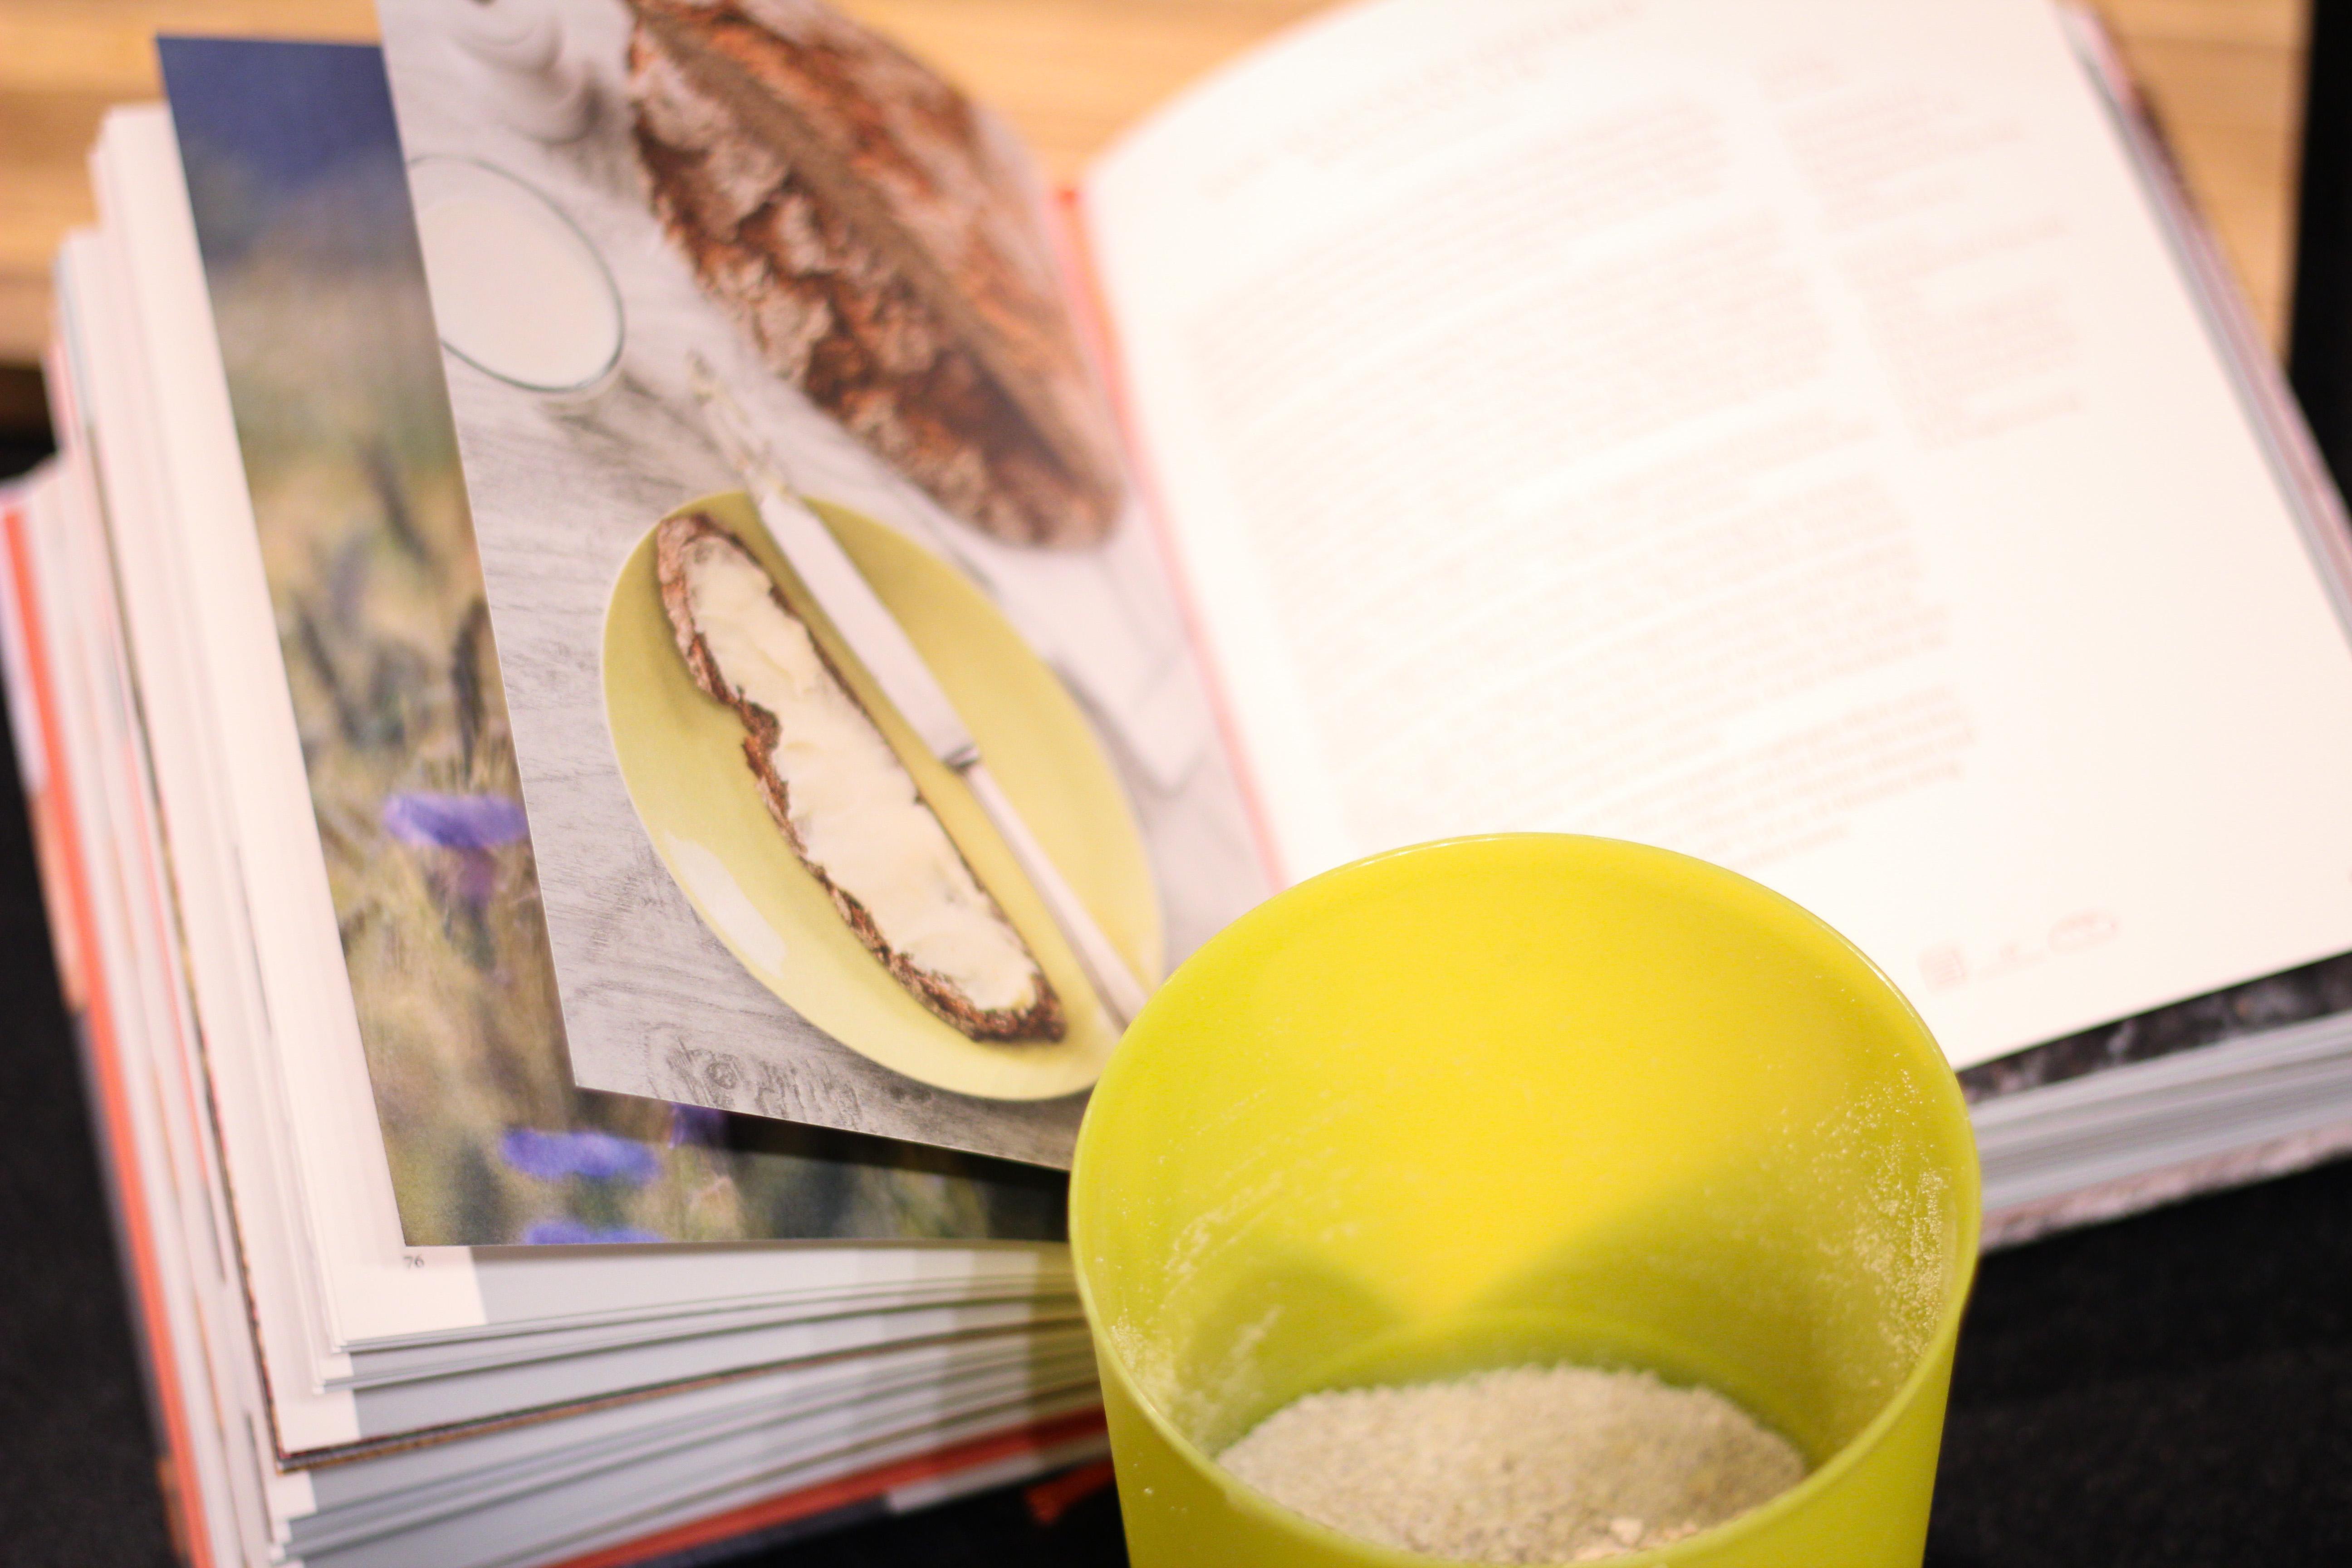 Buch Duft von frischem Brot